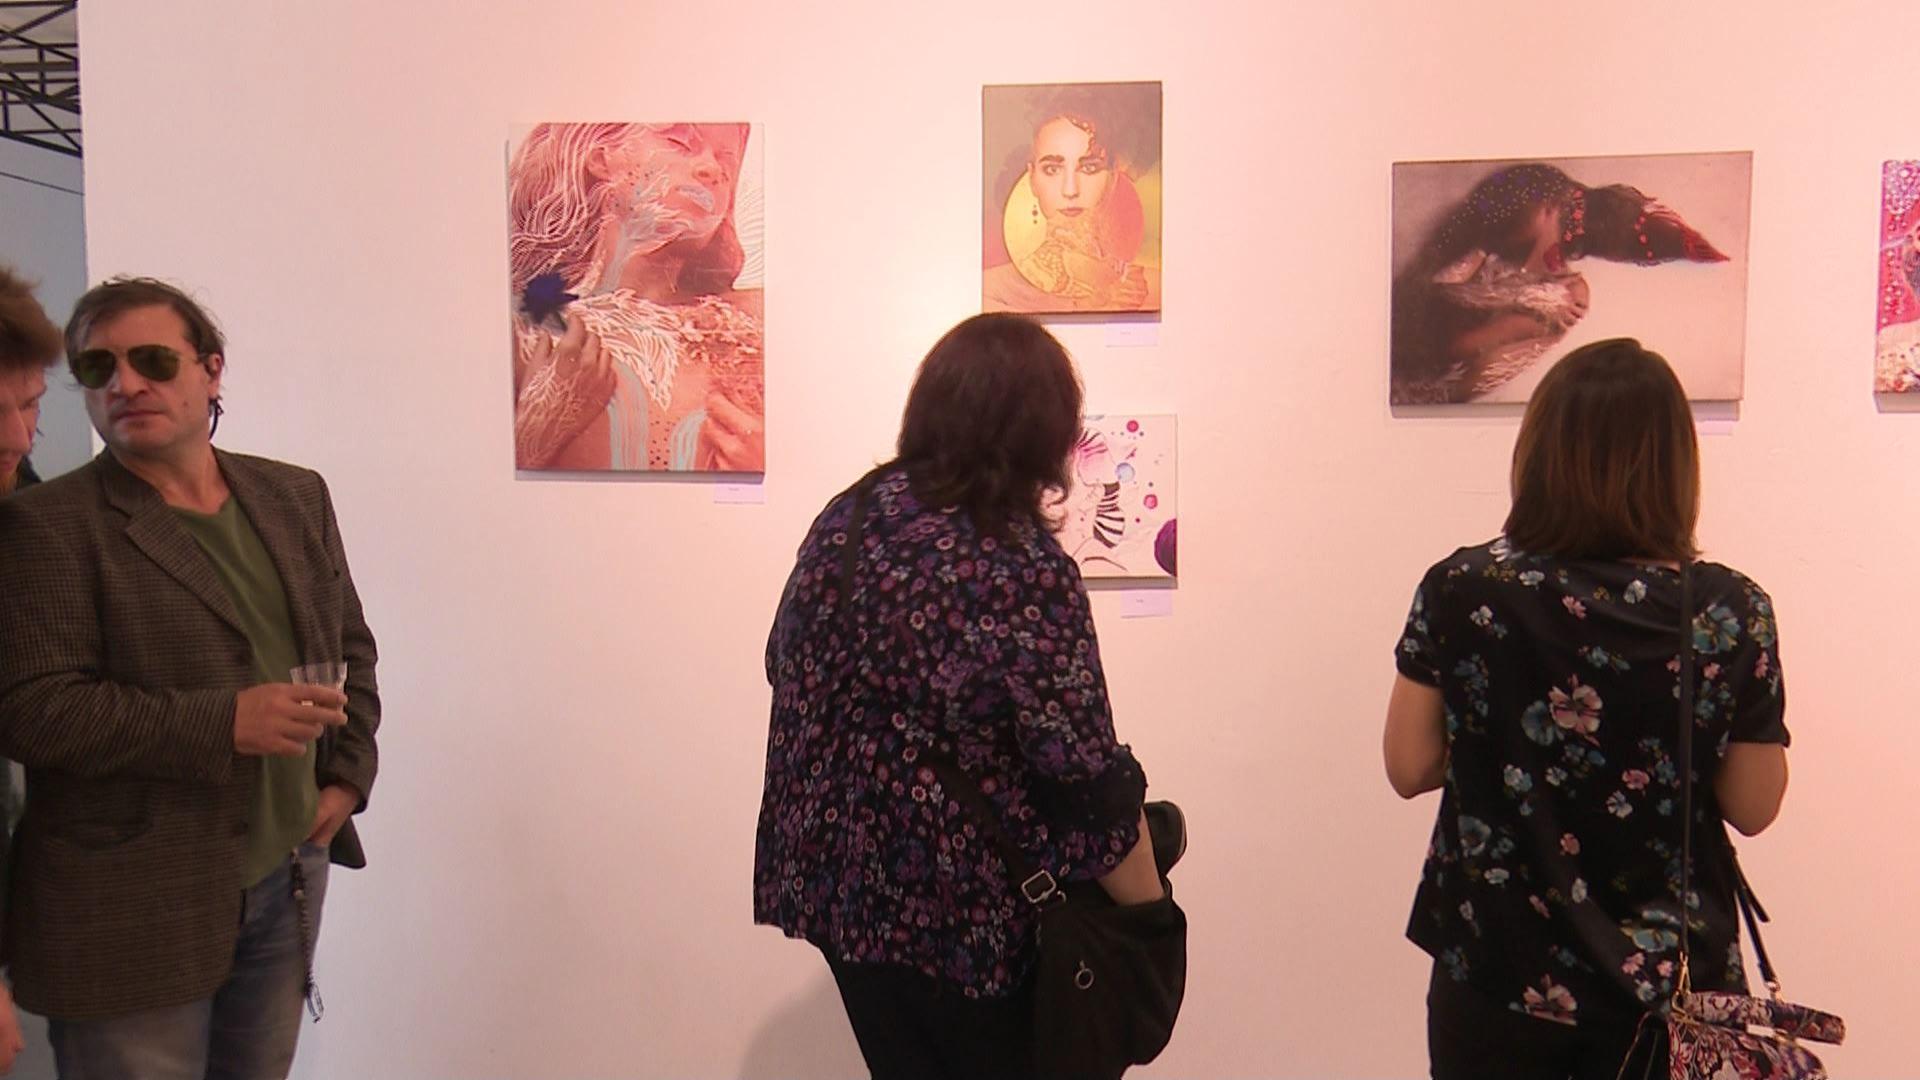 მხატვარ მარია ჩუბაროვას პერსონალური გამოფენა ბათუმში